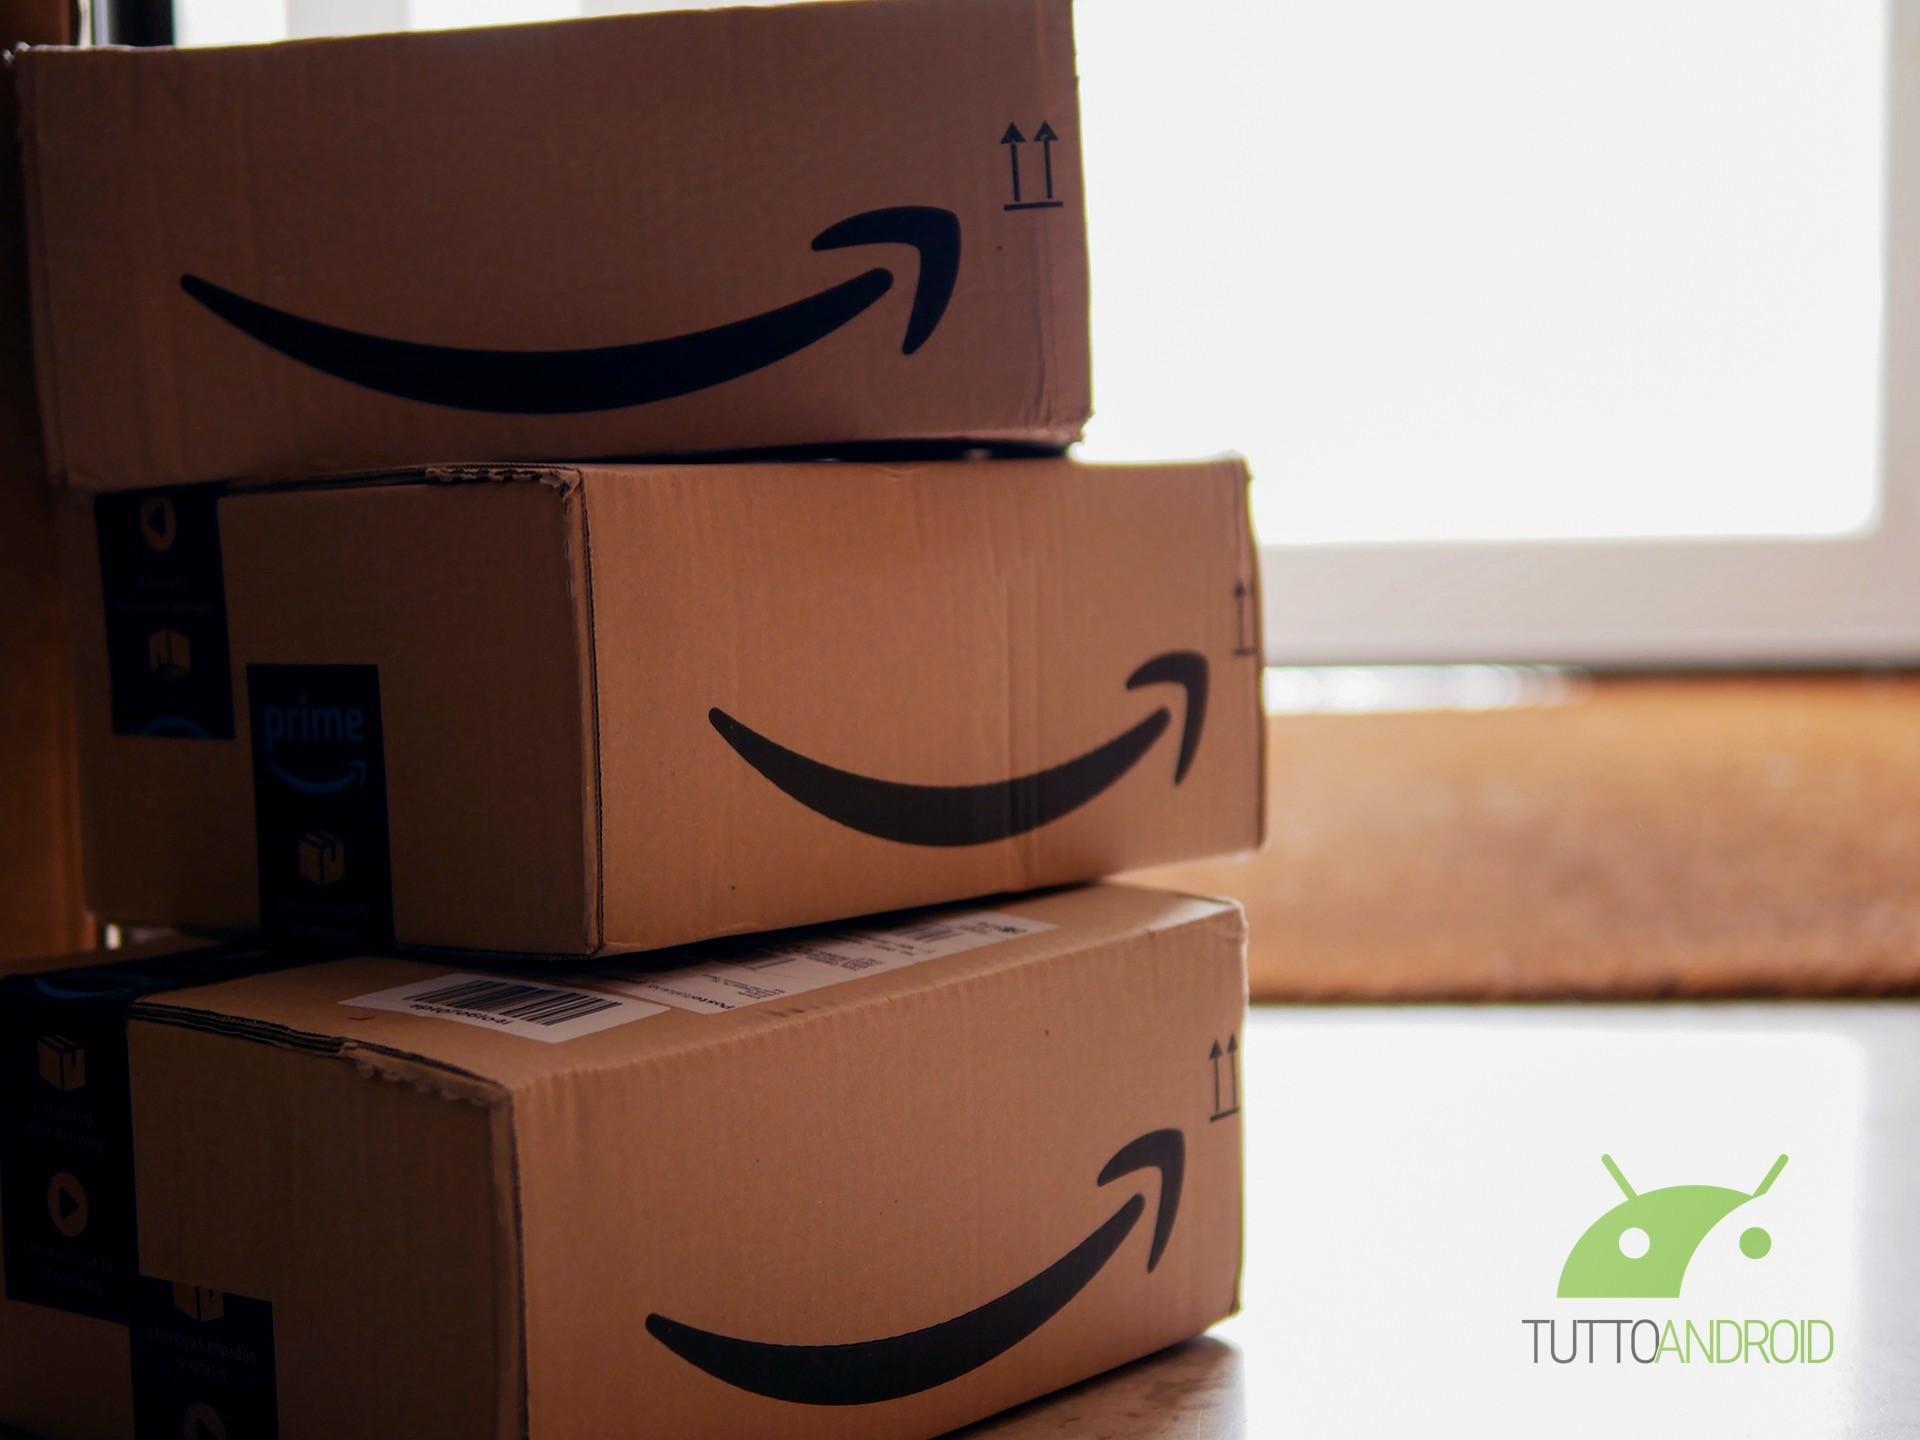 Quali sono i prodotti più venduti su Amazon nel 2019? Ecco i